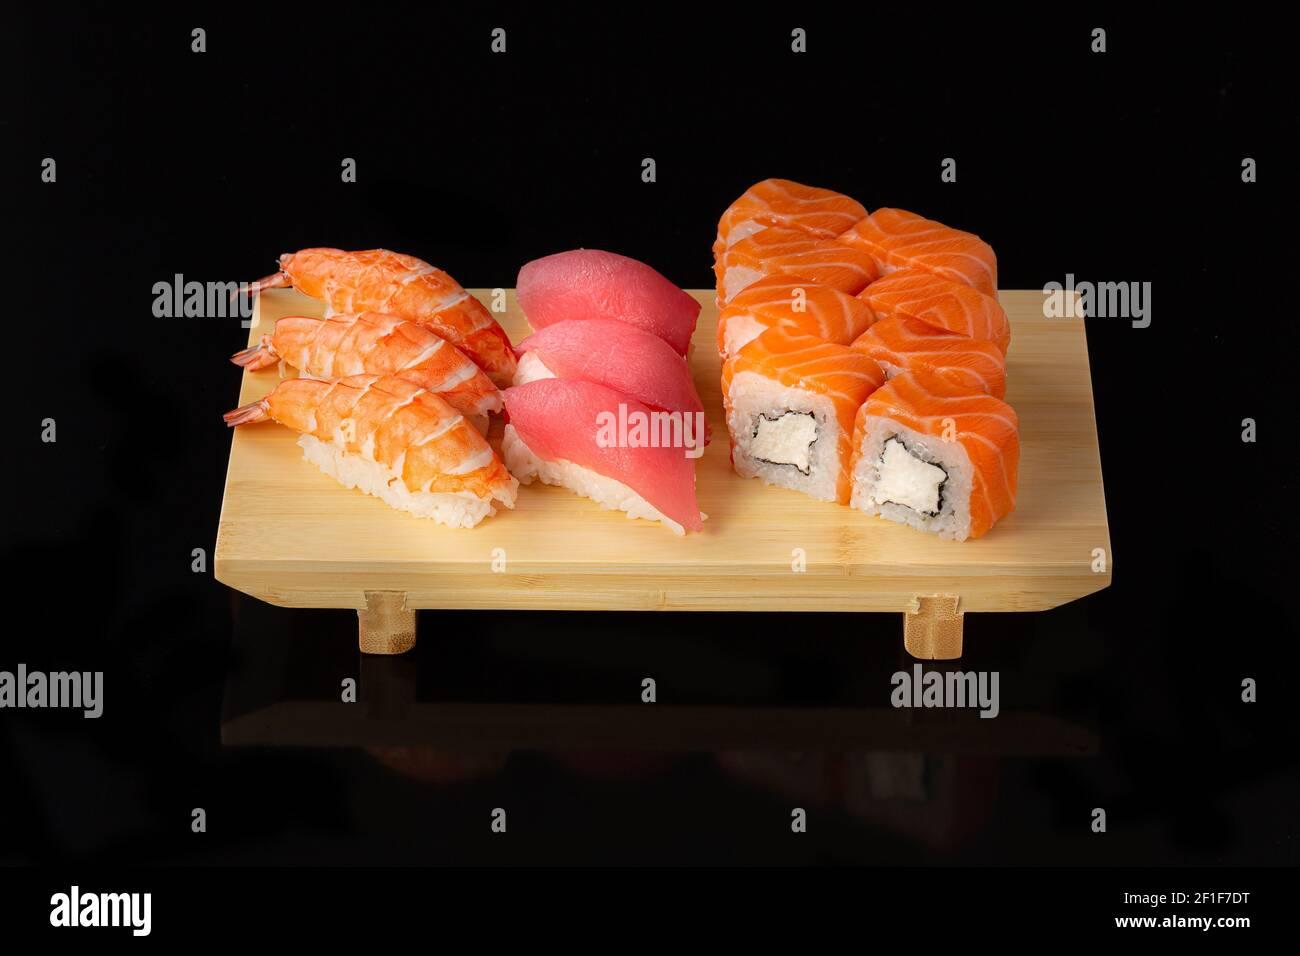 Set de sushi. Rollos con caviar rojo de anguila de salmón y verduras sobre fondo negro. Foto de stock